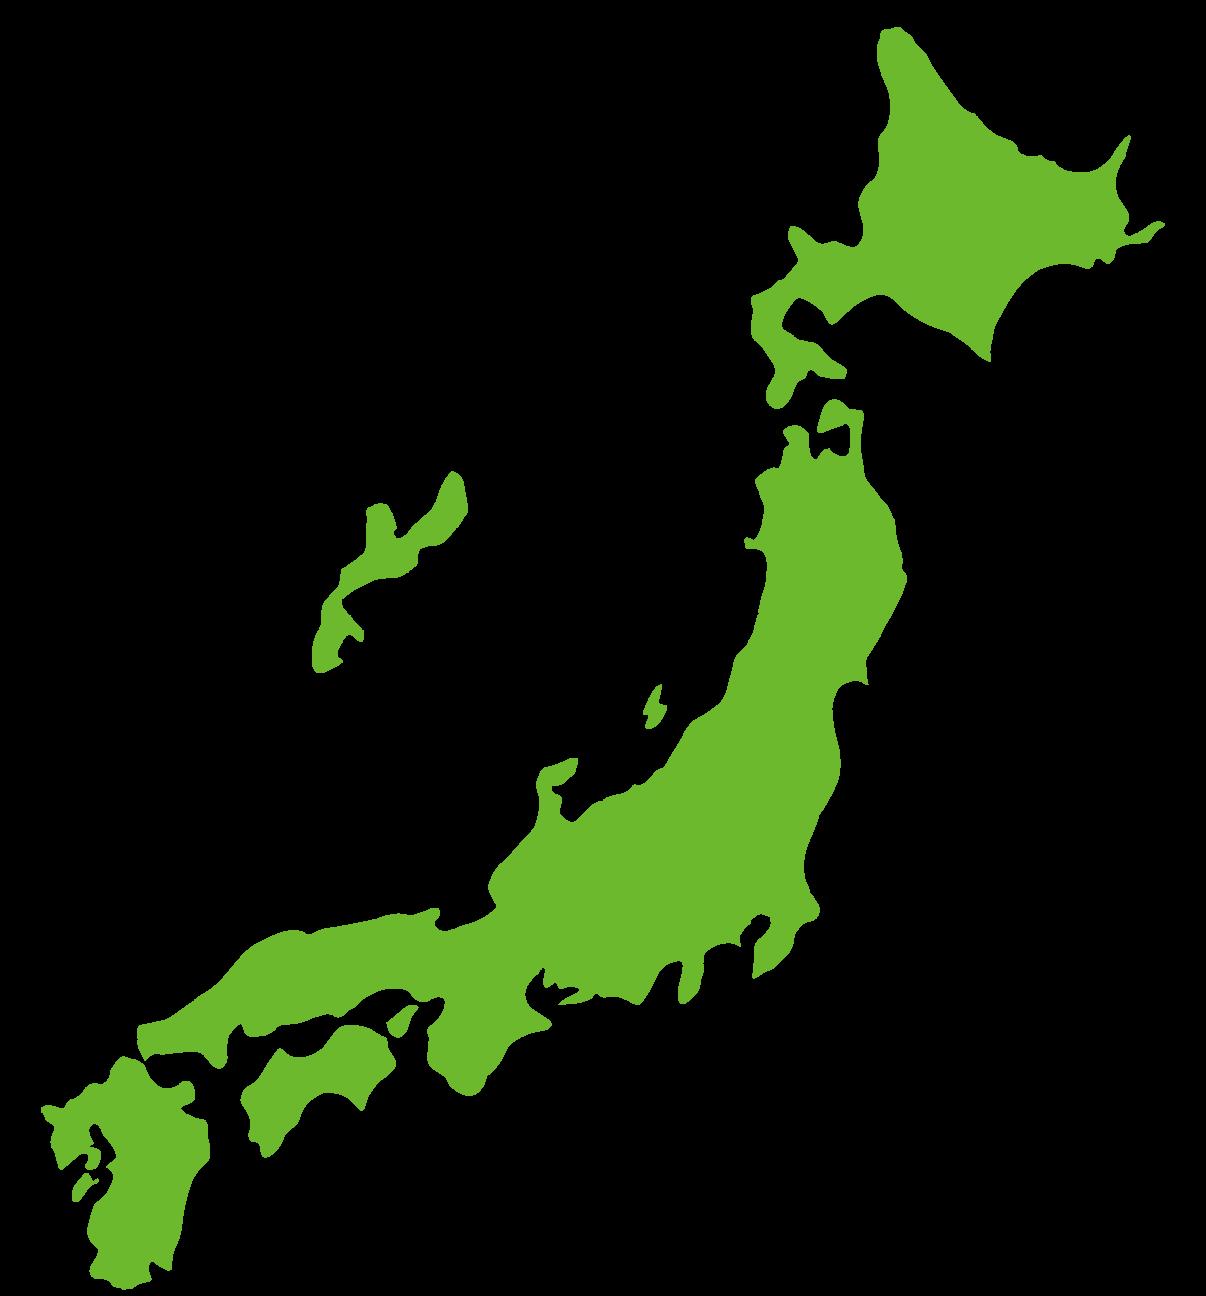 緑の日本地図のイラスト